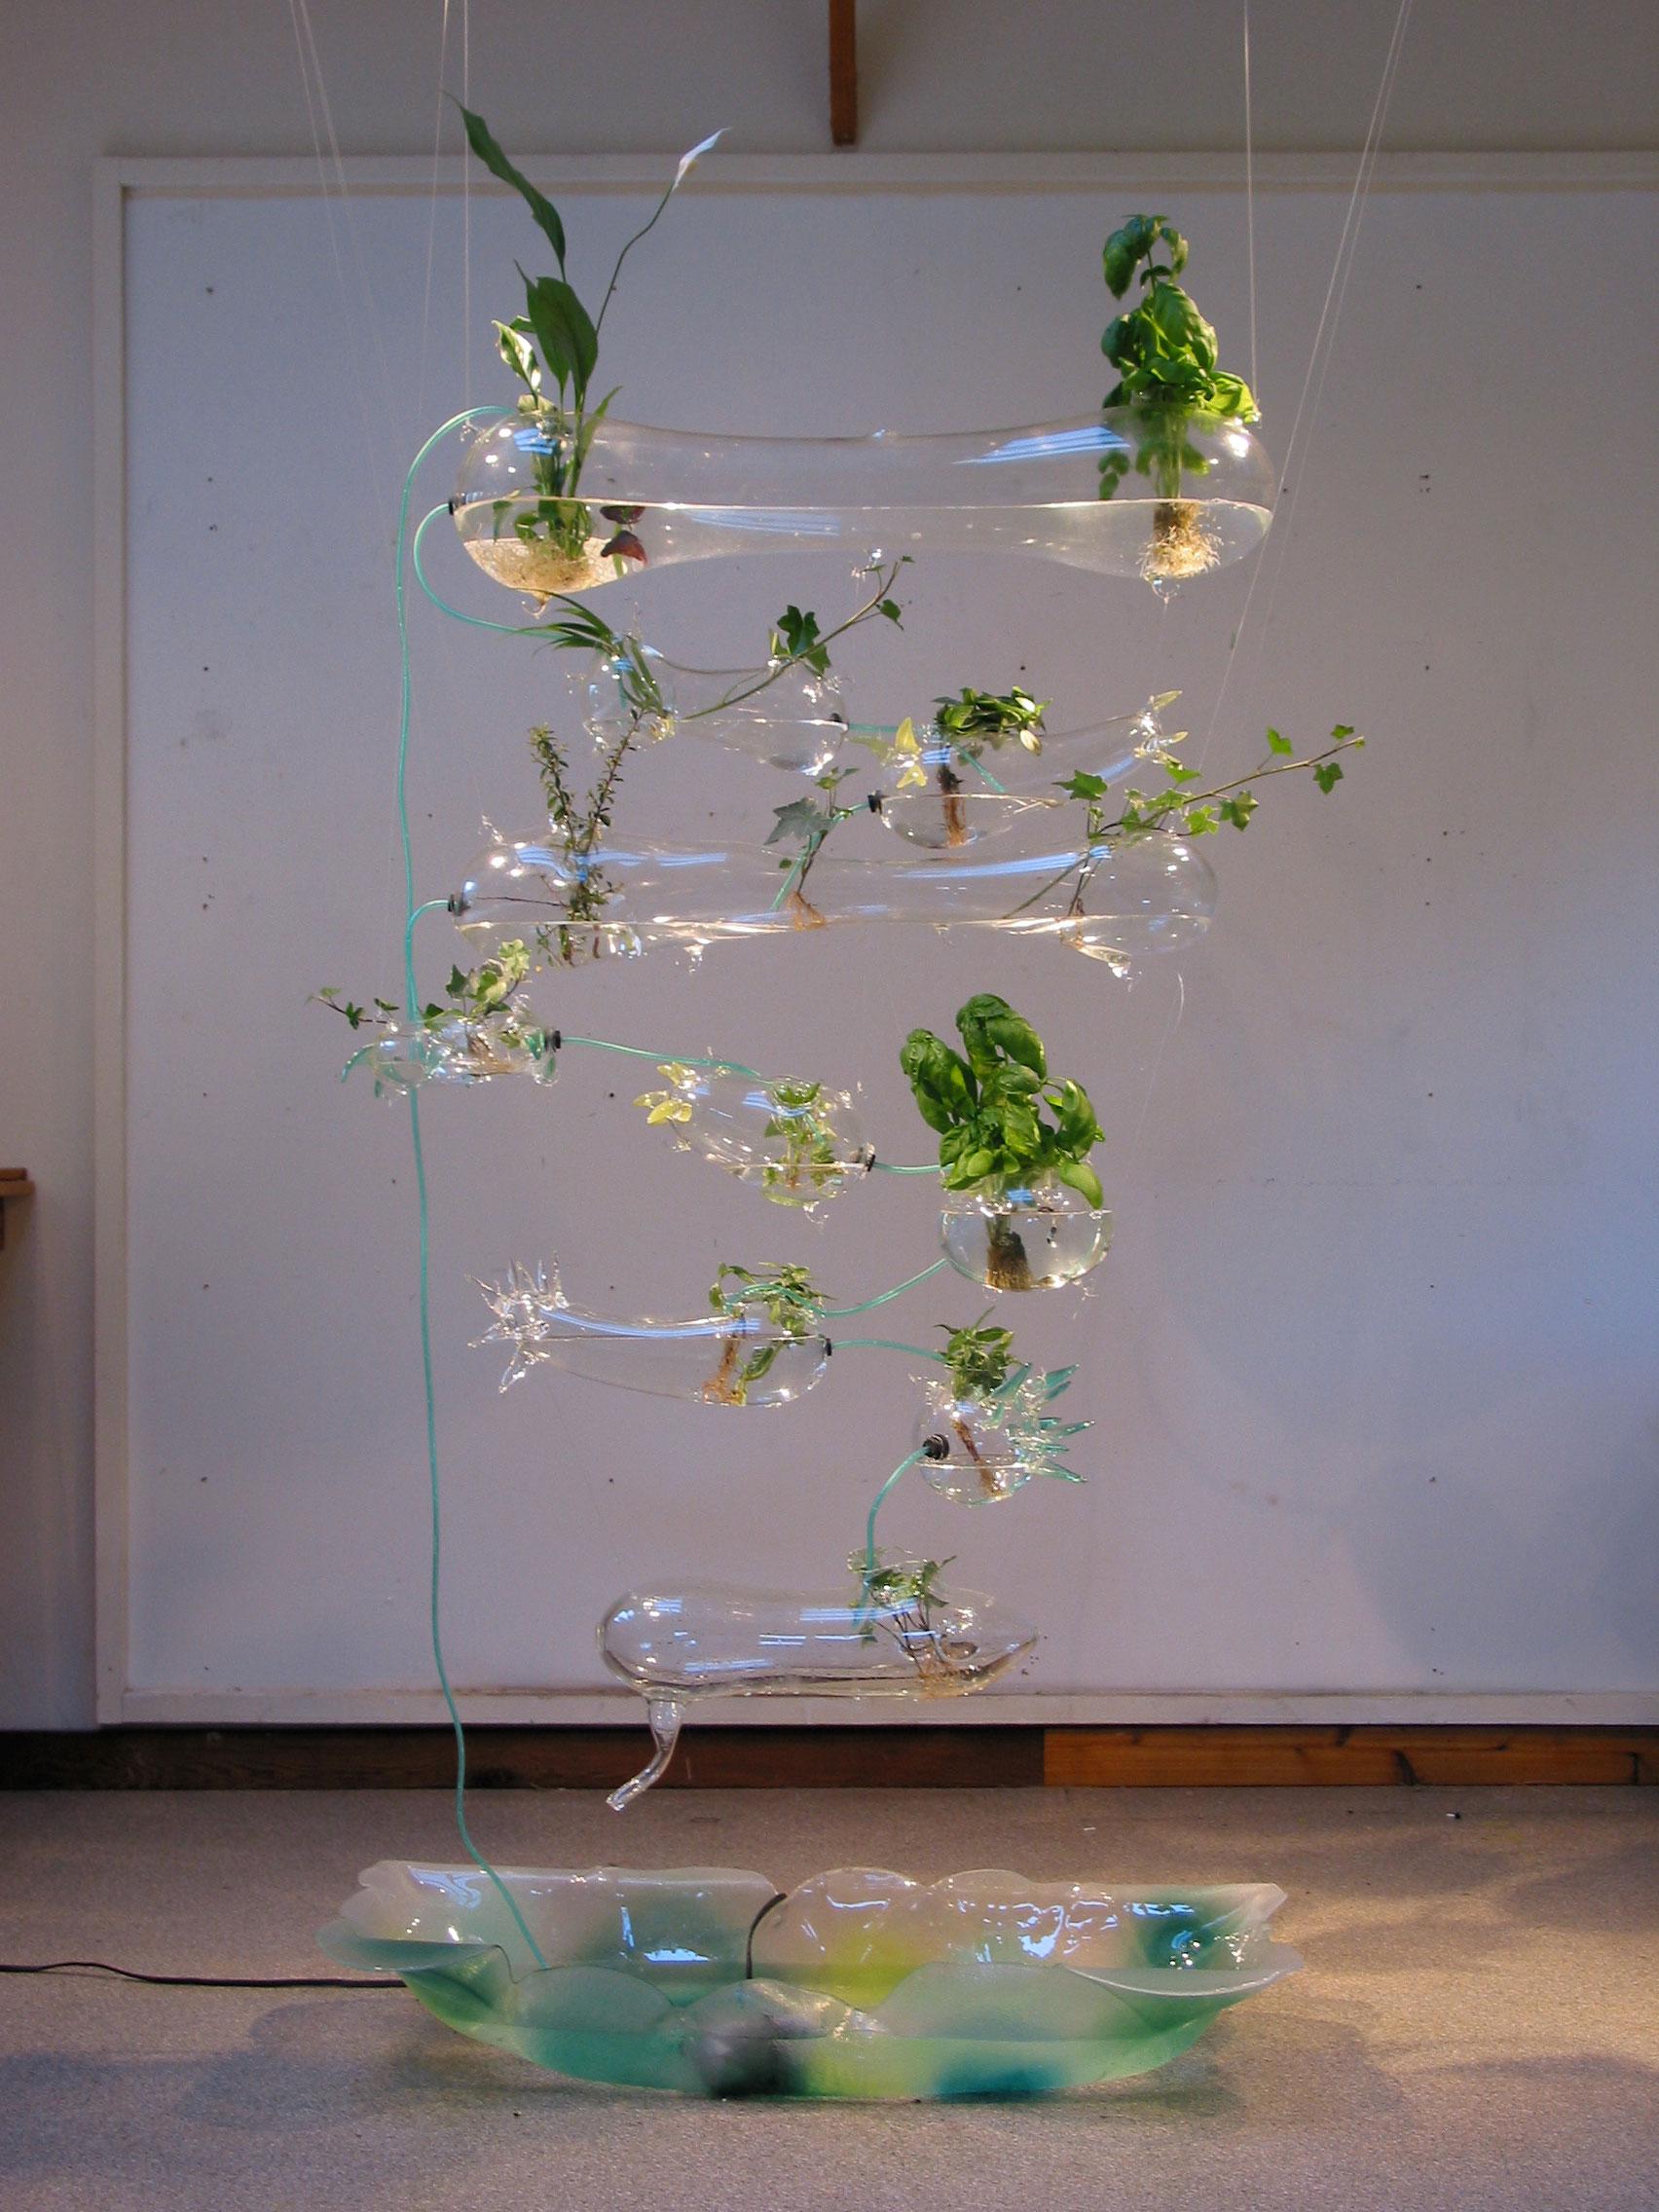 Hydroponic Herb Garden Ken Rinaldo